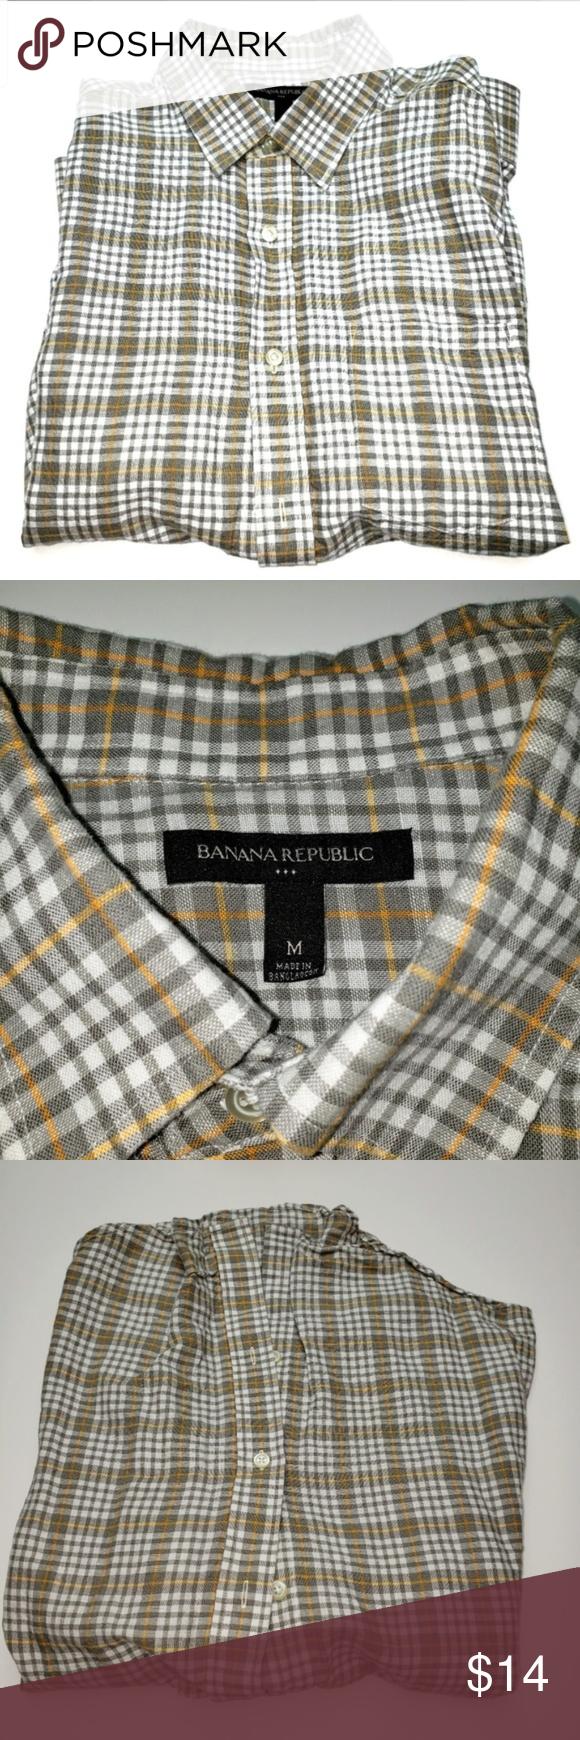 Banana Republic Mens Plaid Shirt Size Medium Banana